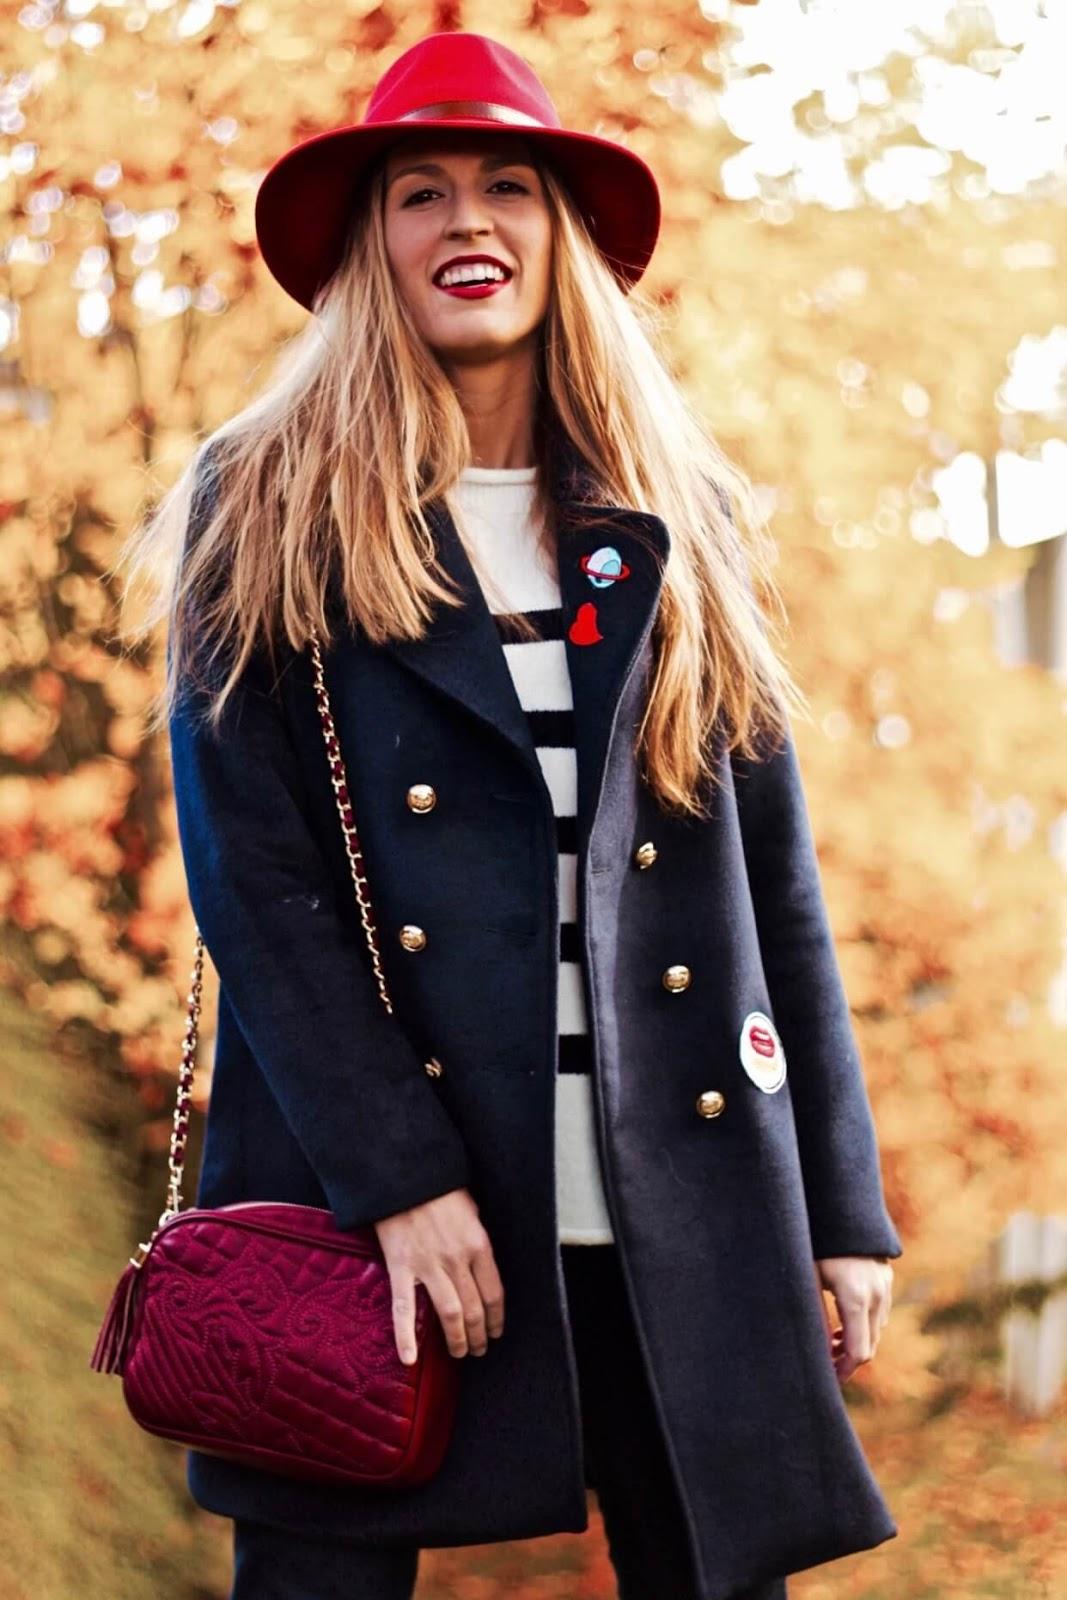 comprar sombreros online